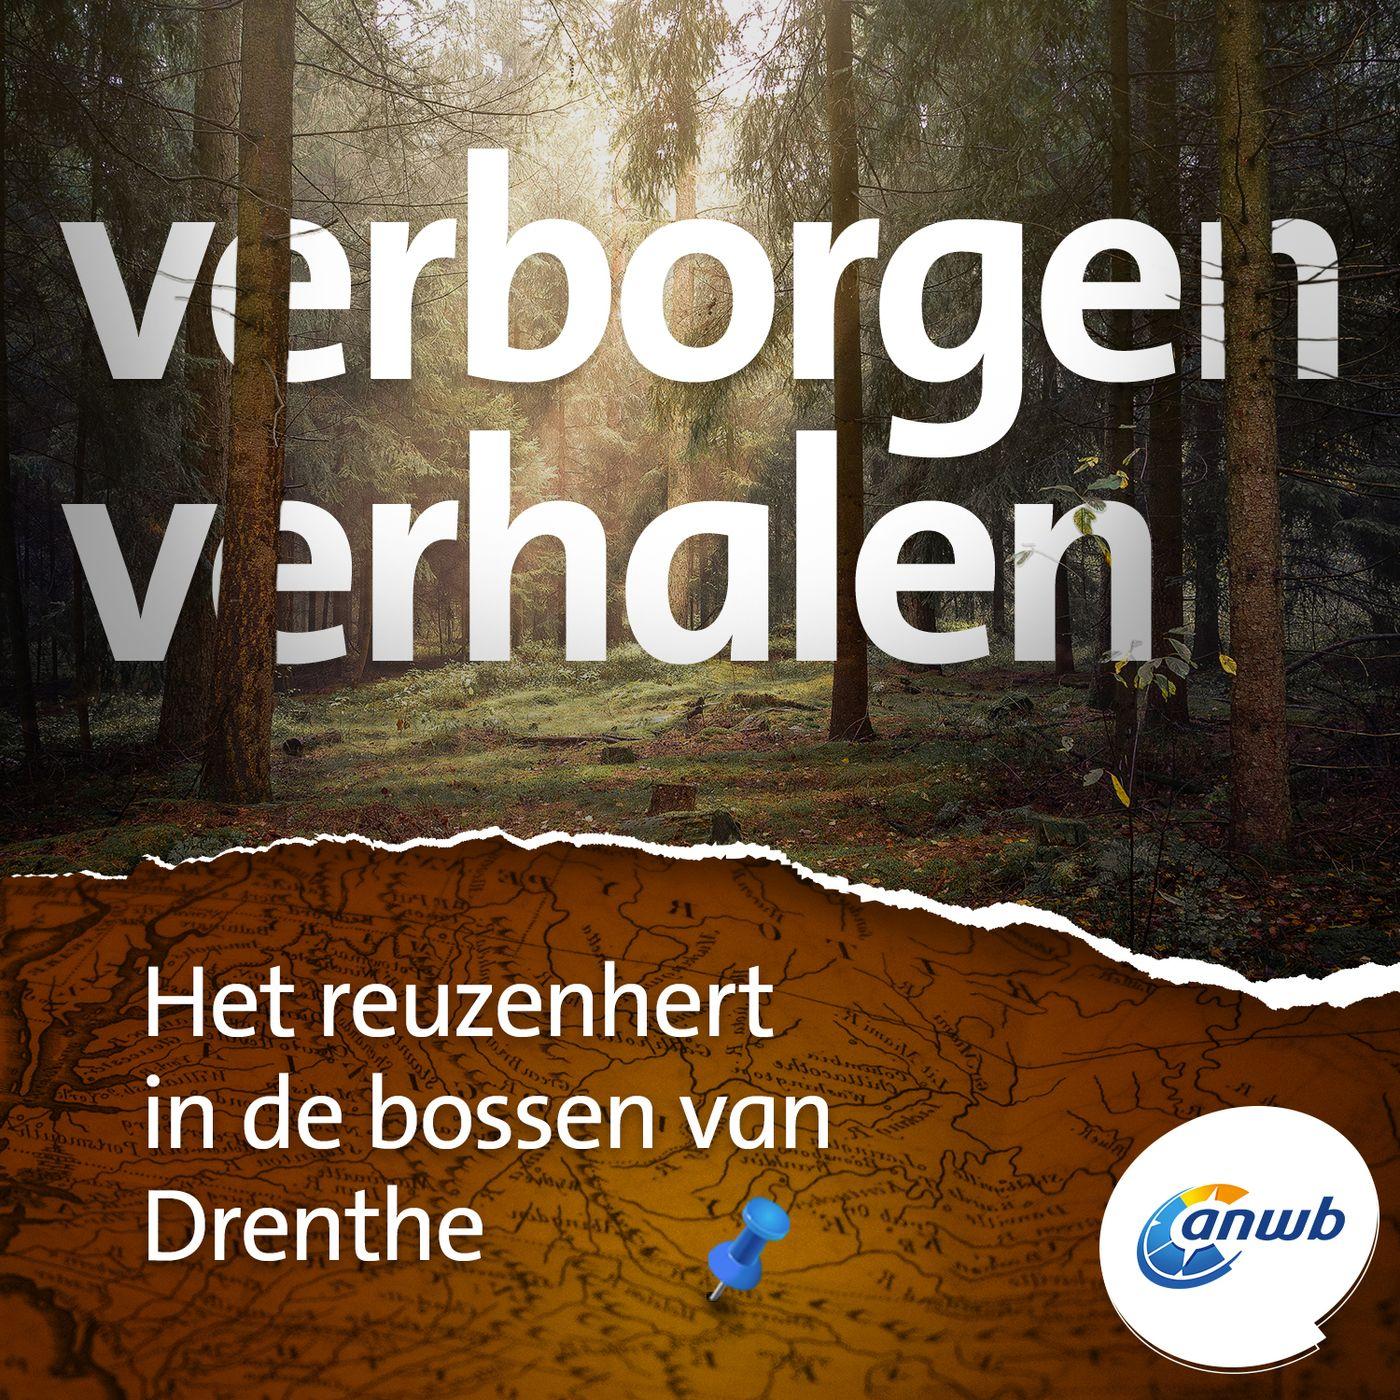 Het reuzenhert in de bossen van Drenthe